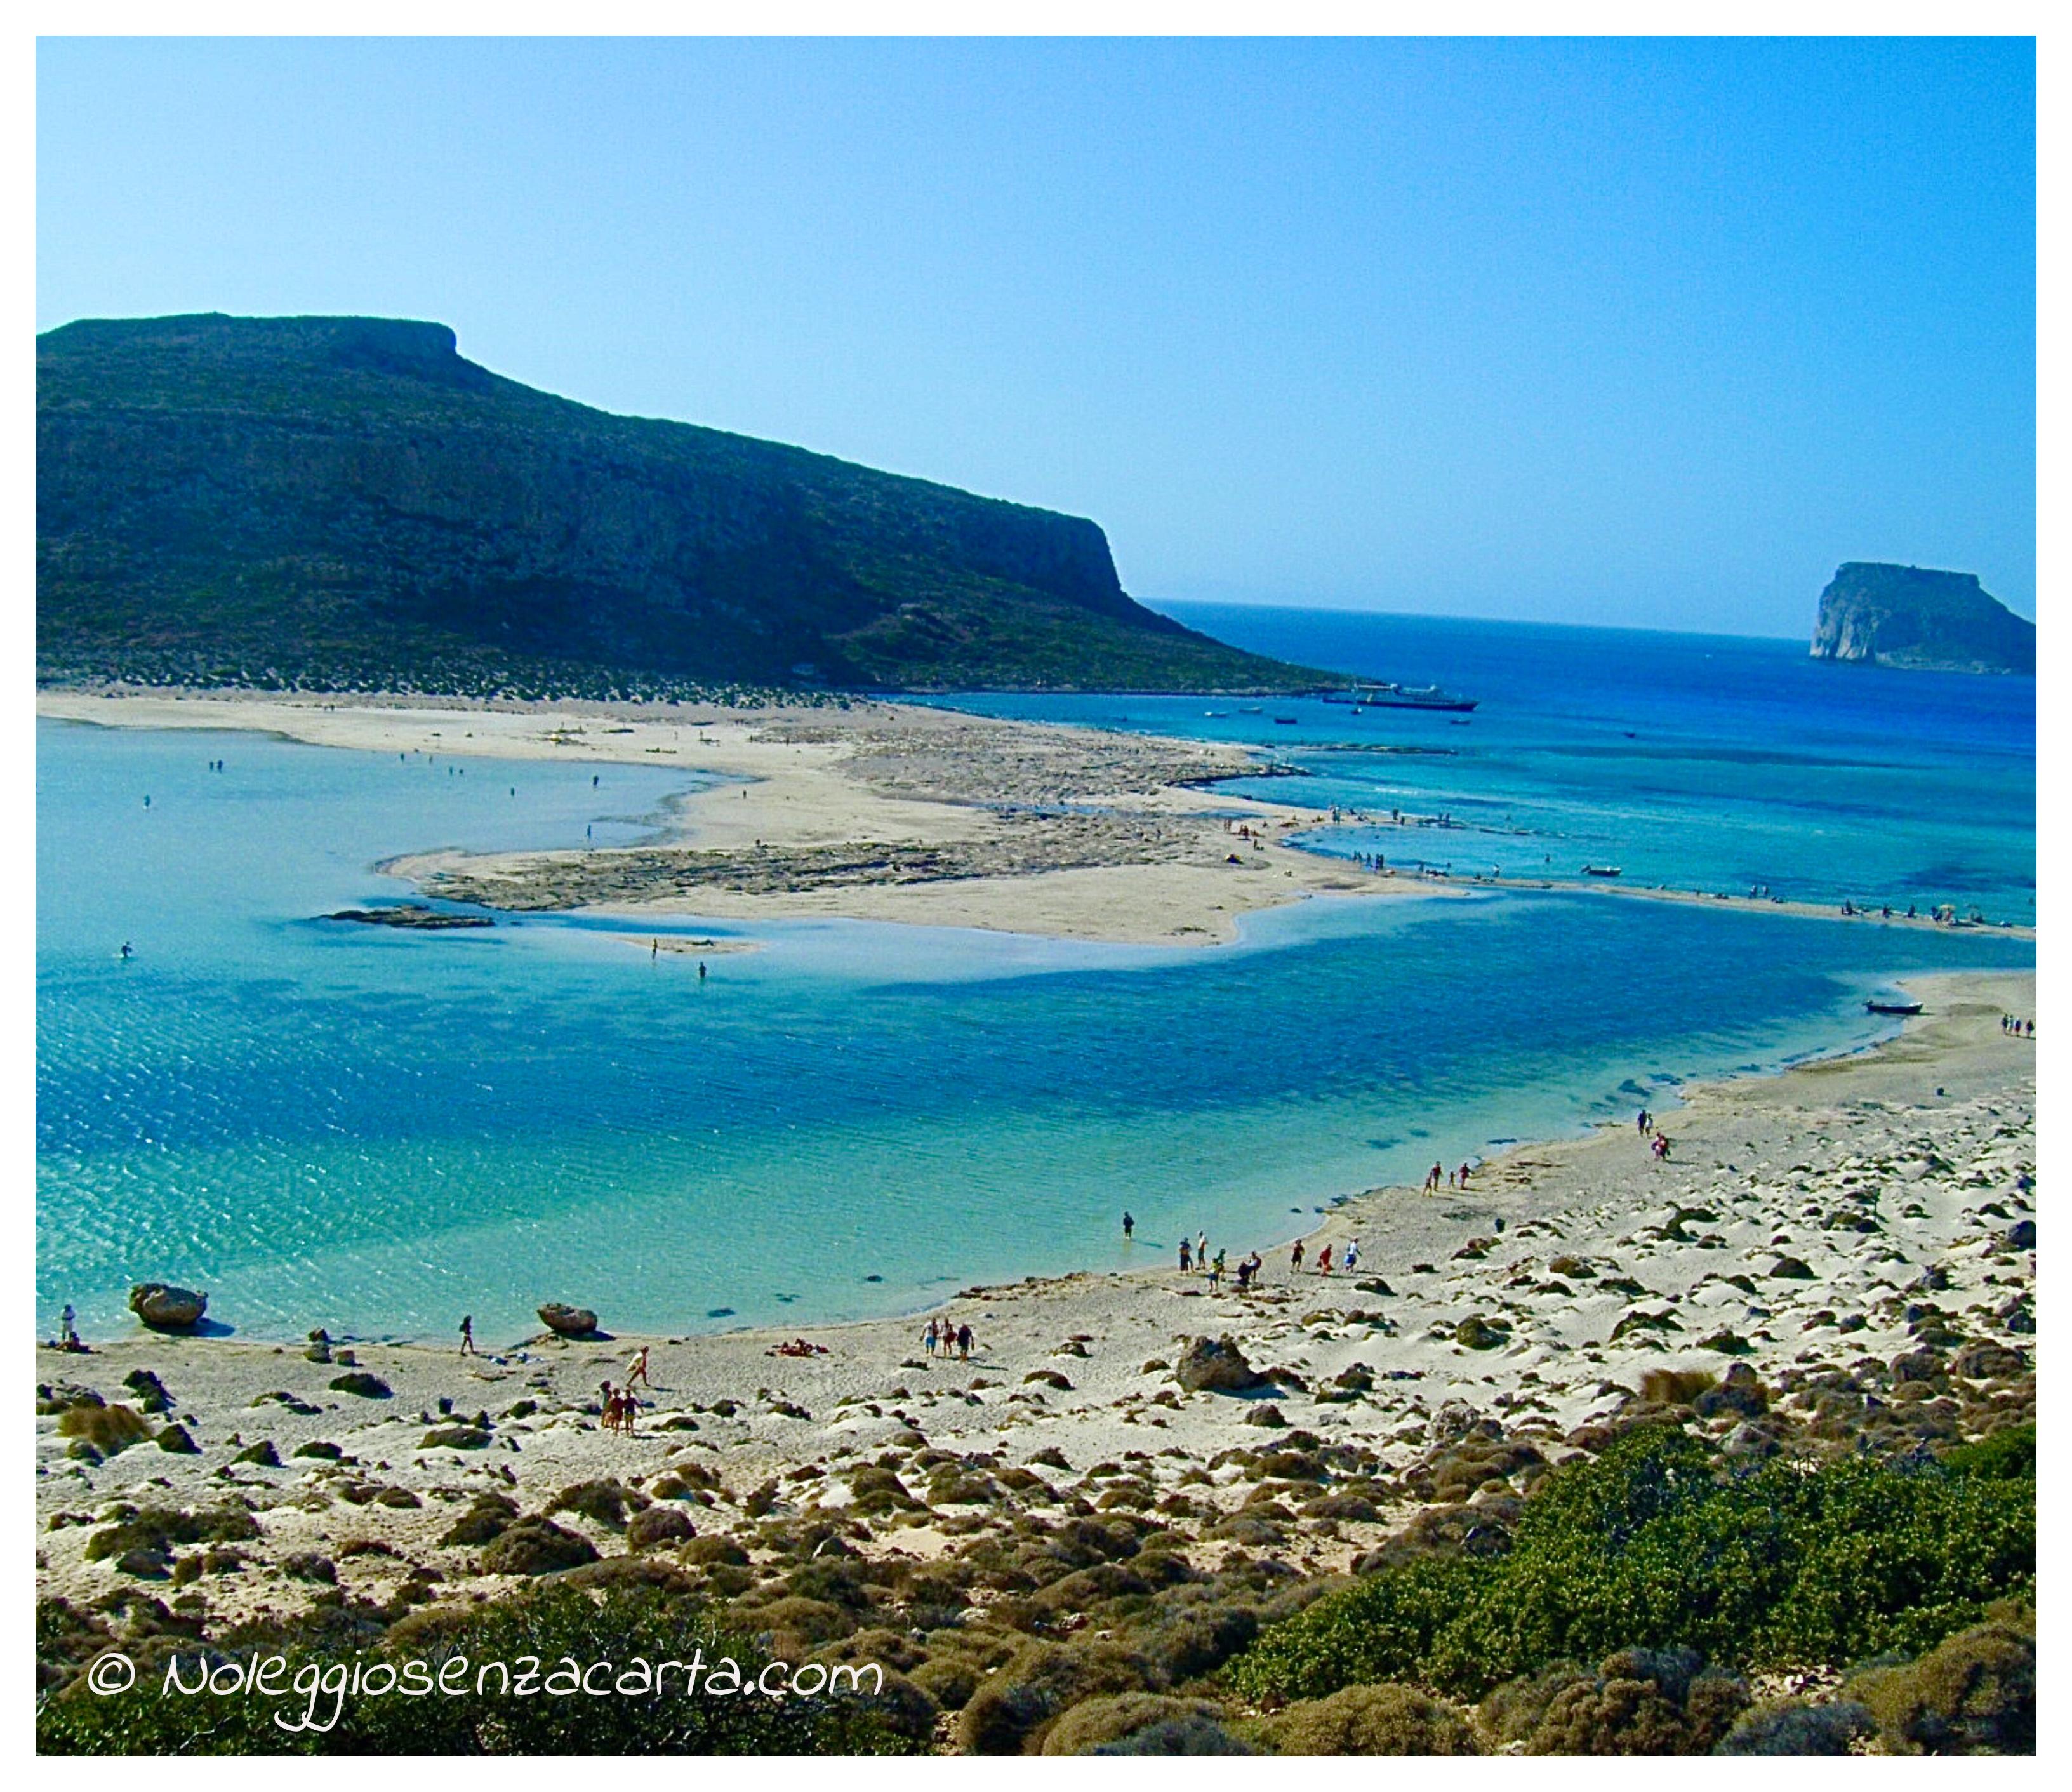 Noleggiare auto senza carta di credito in Grecia – Creta